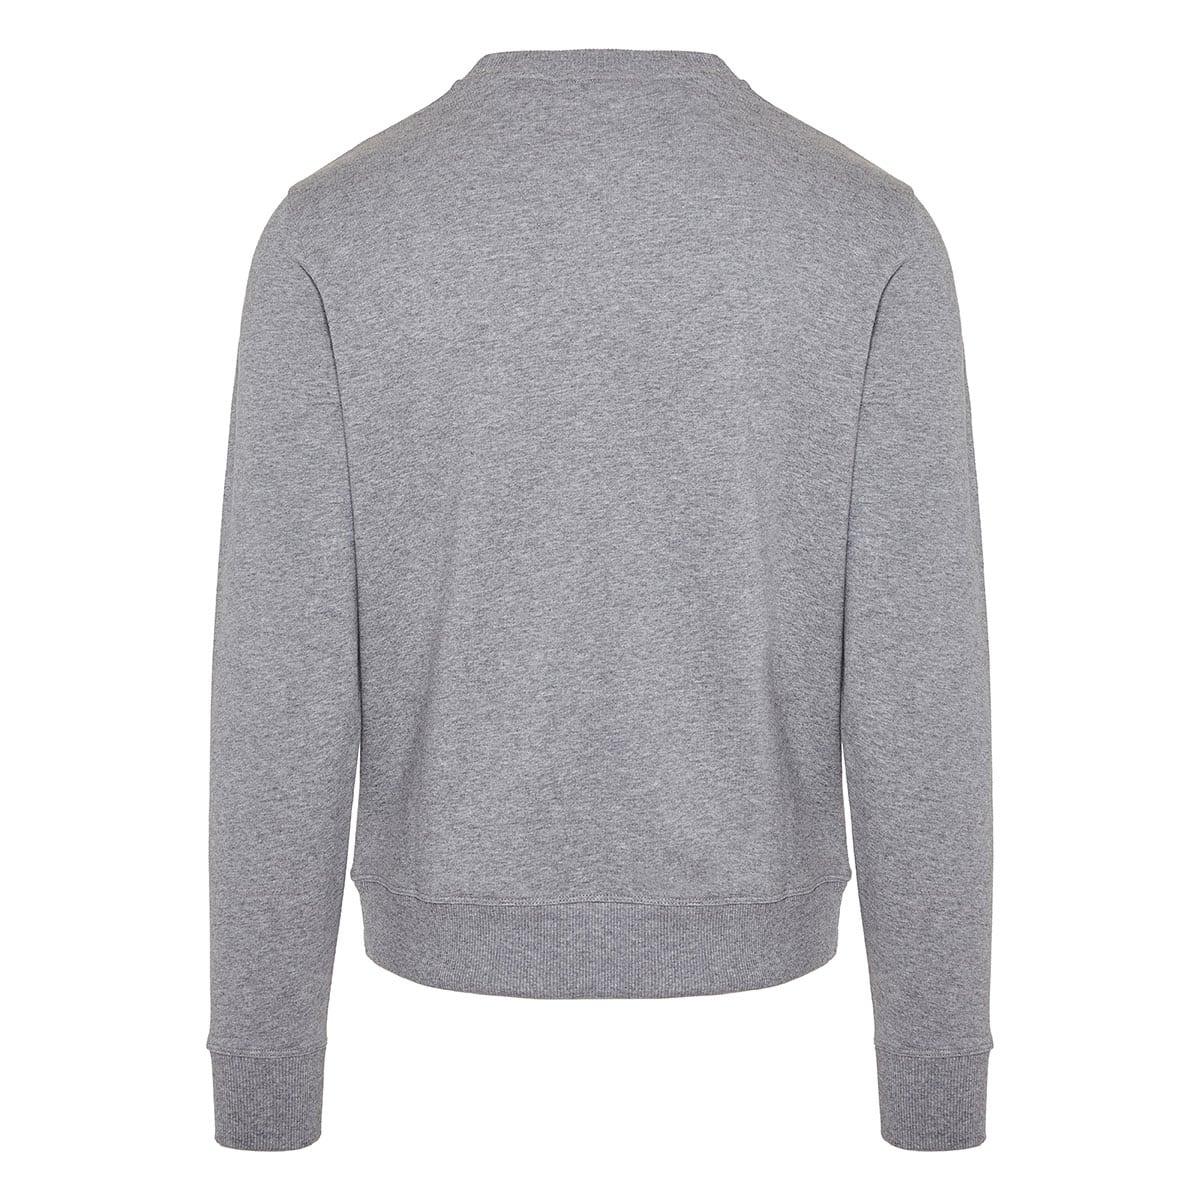 Anagram cotton sweatshirt